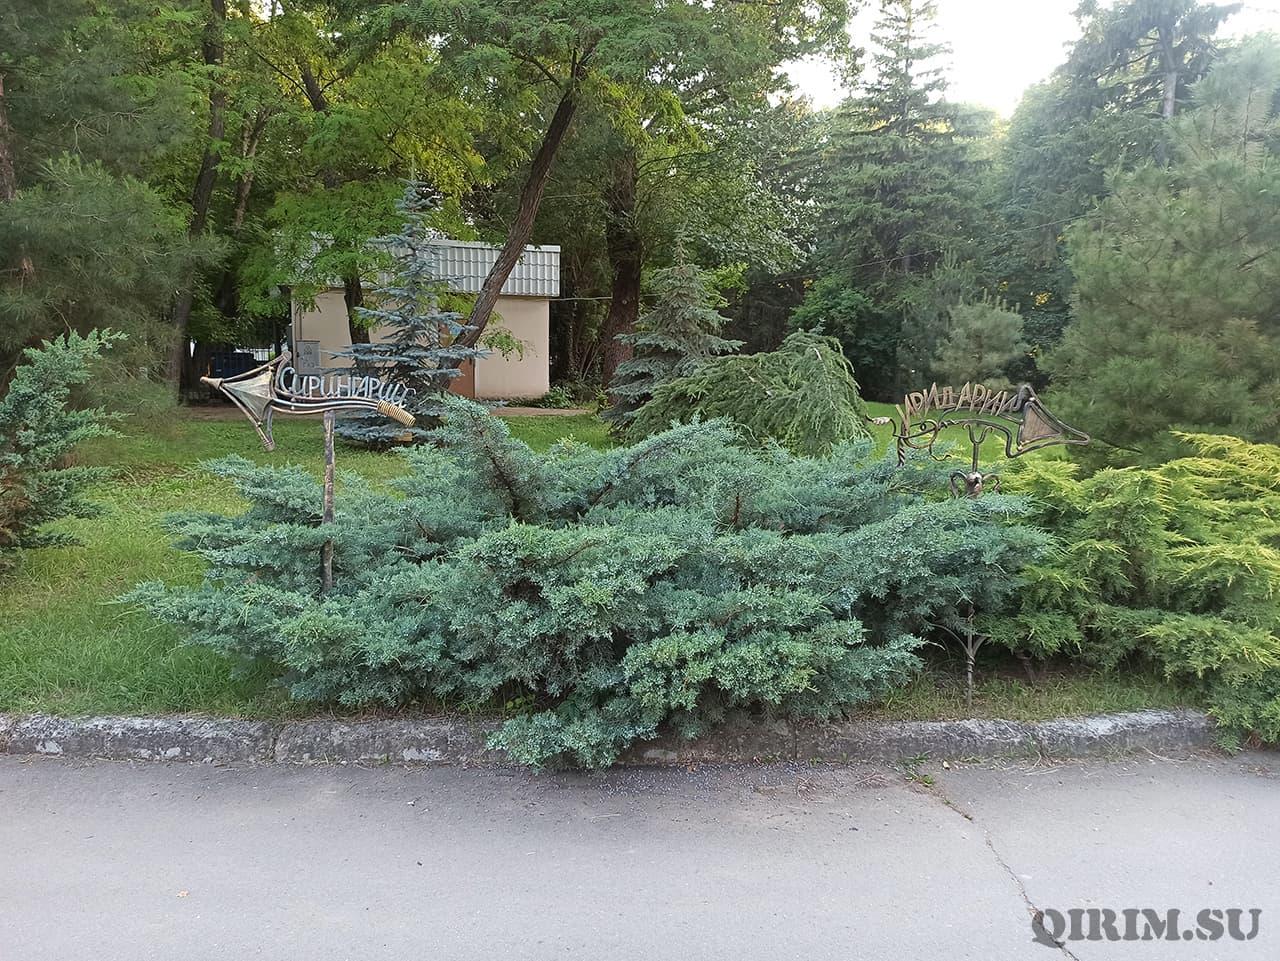 Ботанический сад направления на Сирингарисс и Иридарий